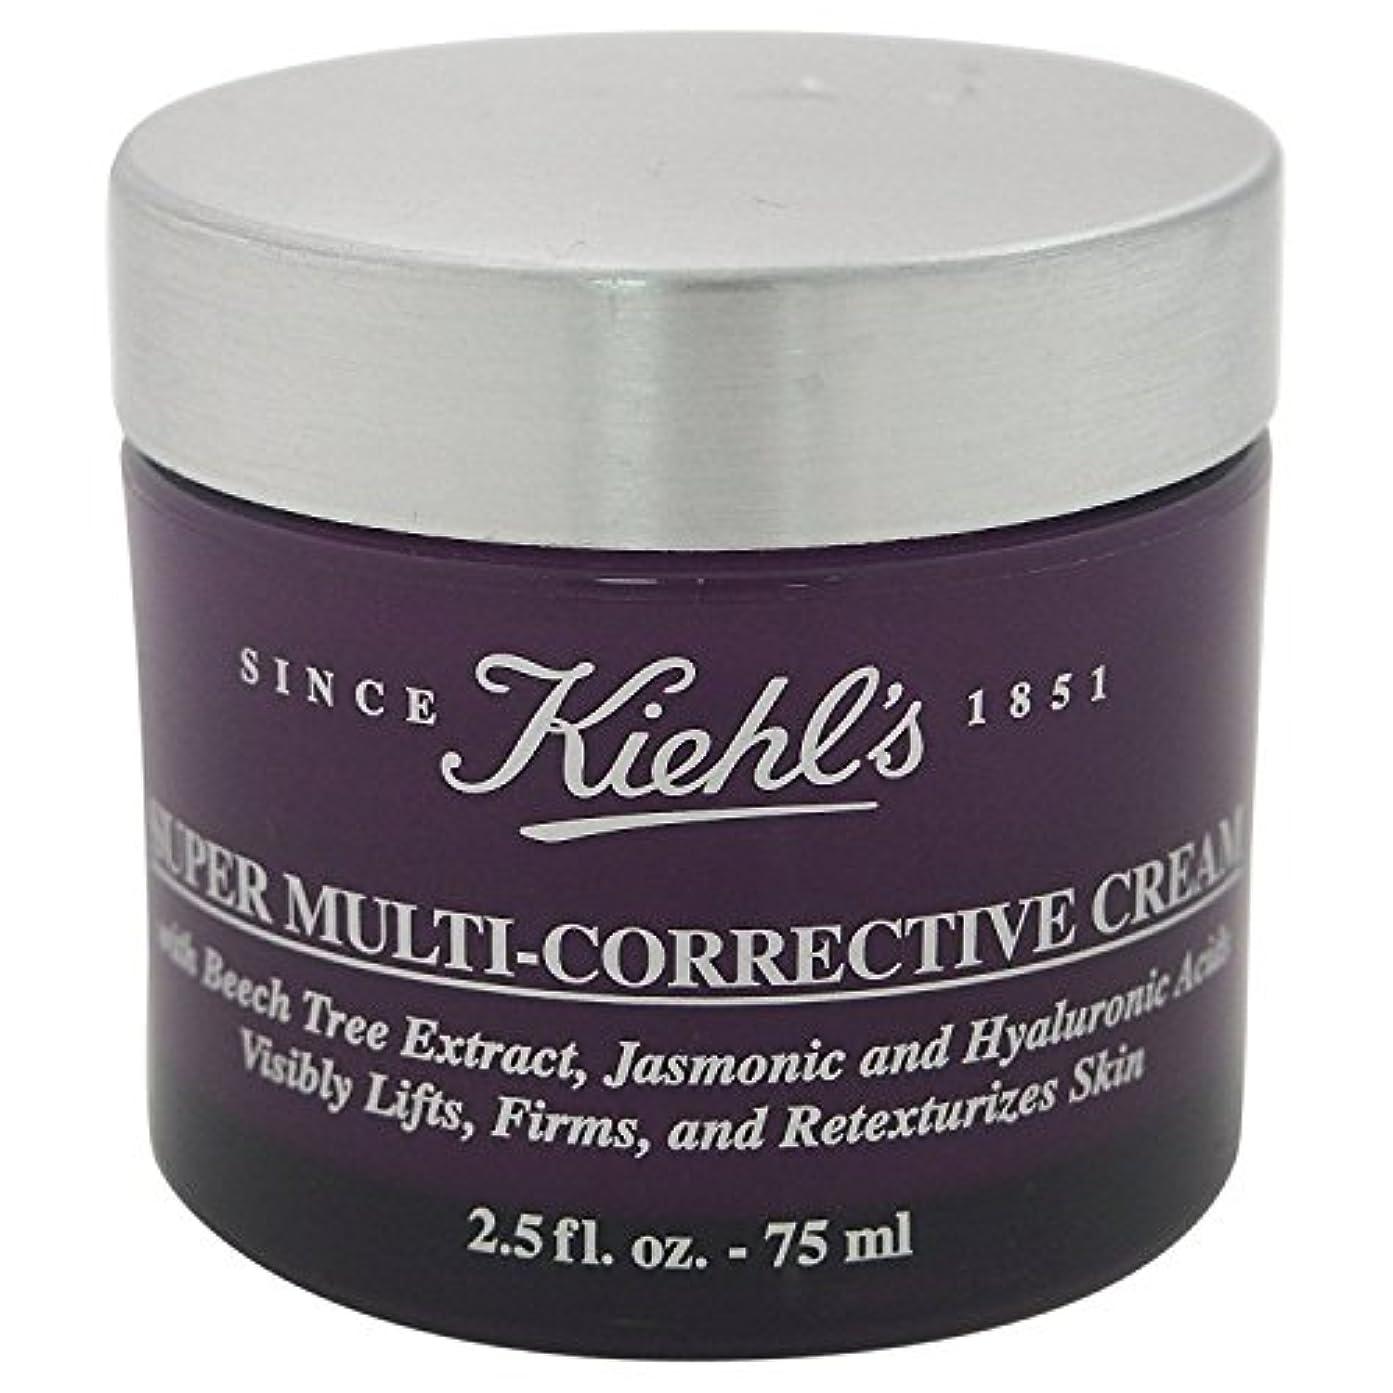 姉妹小道工業化するキールズ(Kiehl's) スーパー マルチ コレクティブ クリーム 75ml[並行輸入品]